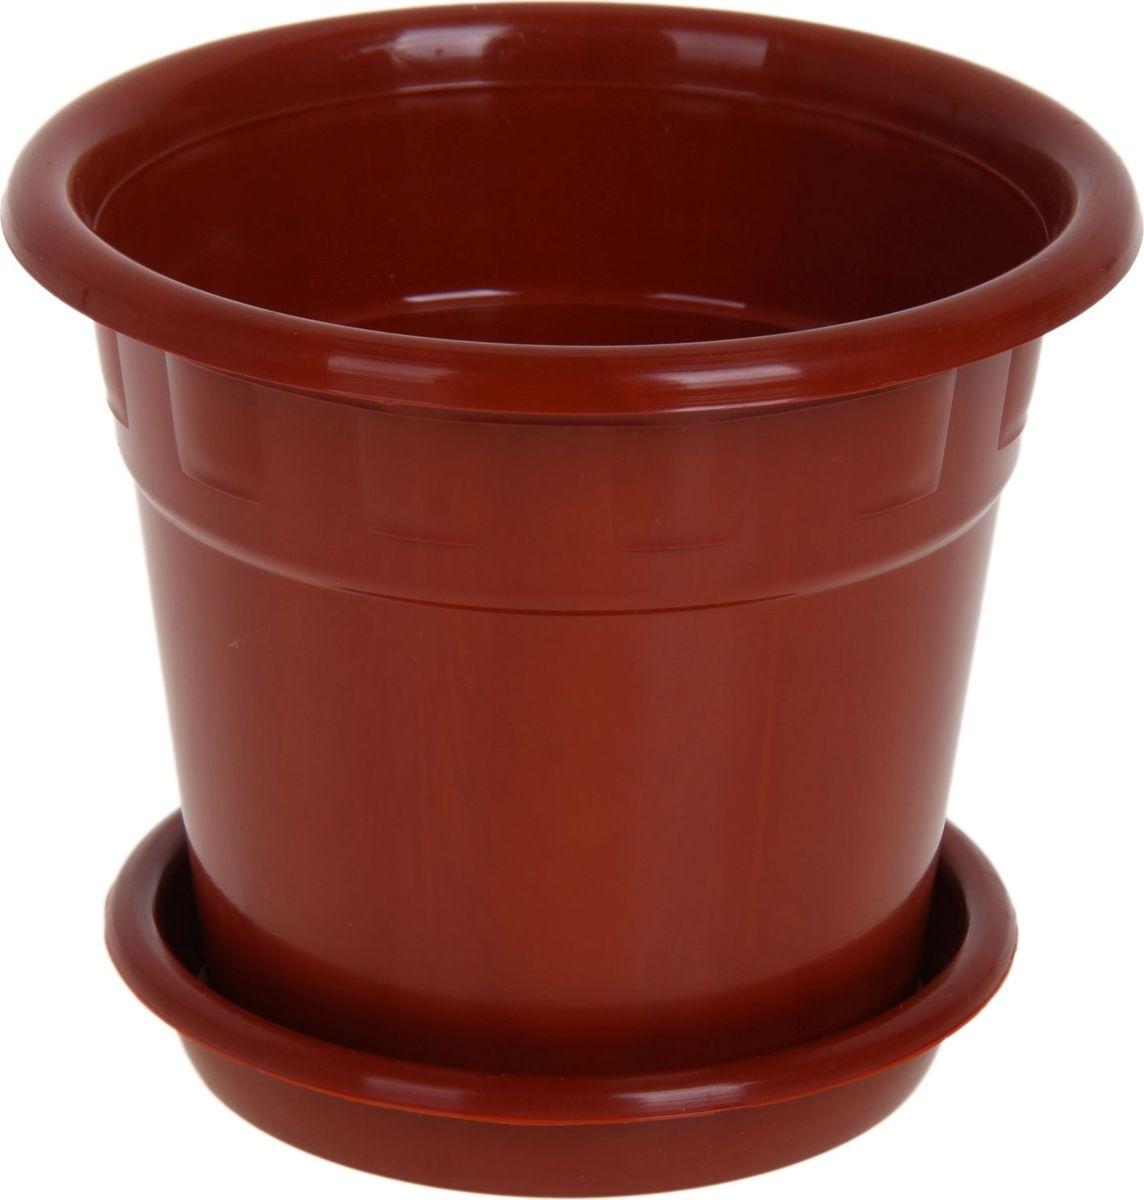 Любой, даже самый современный и продуманный интерьер будет не завершенным без растений. Они не только очищают воздух и насыщают его кислородом, но и заметно украшают окружающее пространство. Такому полезному члену семьи просто необходимо красивое и функциональное кашпо, оригинальный горшок или необычная ваза! Мы предлагаем - Горшок для цветов с поддоном 1 л, цвет коричневый! Оптимальный выбор материала - это пластмасса! Почему мы так считаем? Малый вес. С легкостью переносите горшки и кашпо с места на место, ставьте их на столики или полки, подвешивайте под потолок, не беспокоясь о нагрузке. Простота ухода. Пластиковые изделия не нуждаются в специальных условиях хранения. Их легко чистить достаточно просто сполоснуть теплой водой. Никаких царапин. Пластиковые кашпо не царапают и не загрязняют поверхности, на которых стоят. Пластик дольше хранит влагу, а значит растение реже нуждается в поливе. Пластмасса не пропускает воздух корневой системе растения не грозят резкие перепады температур. Огромный выбор форм, декора и расцветок вы без труда подберете что-то, что идеально впишется в уже существующий интерьер. Соблюдая нехитрые правила ухода, вы можете заметно продлить срок службы горшков, вазонов и кашпо из пластика: всегда учитывайте размер кроны и корневой системы растения (при разрастании большое растение способно повредить маленький горшок) берегите изделие от воздействия прямых солнечных лучей, чтобы кашпо и горшки не выцветали держите кашпо и горшки из пластика подальше от нагревающихся поверхностей. Создавайте прекрасные цветочные композиции, выращивайте рассаду или необычные растения, а низкие цены позволят вам не ограничивать себя в выборе.